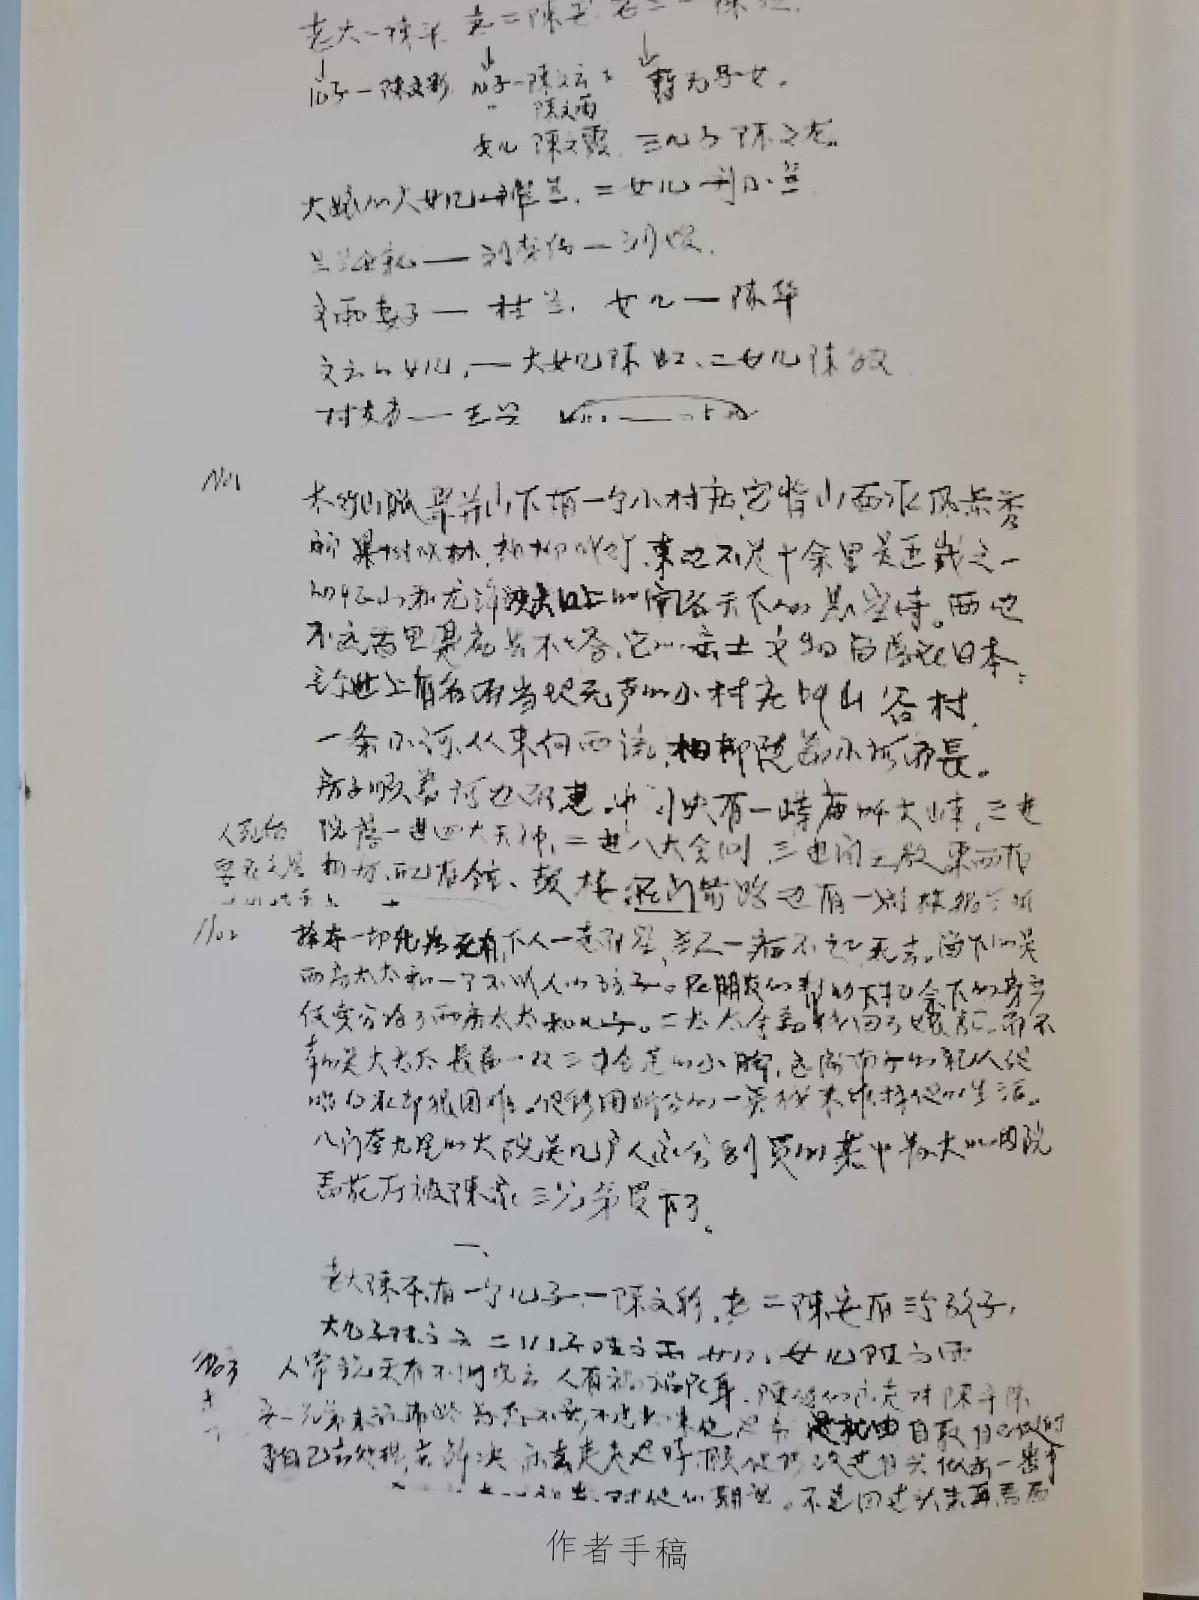 李婶儿的两本长篇小说《家》和《追梦之路》_图1-2